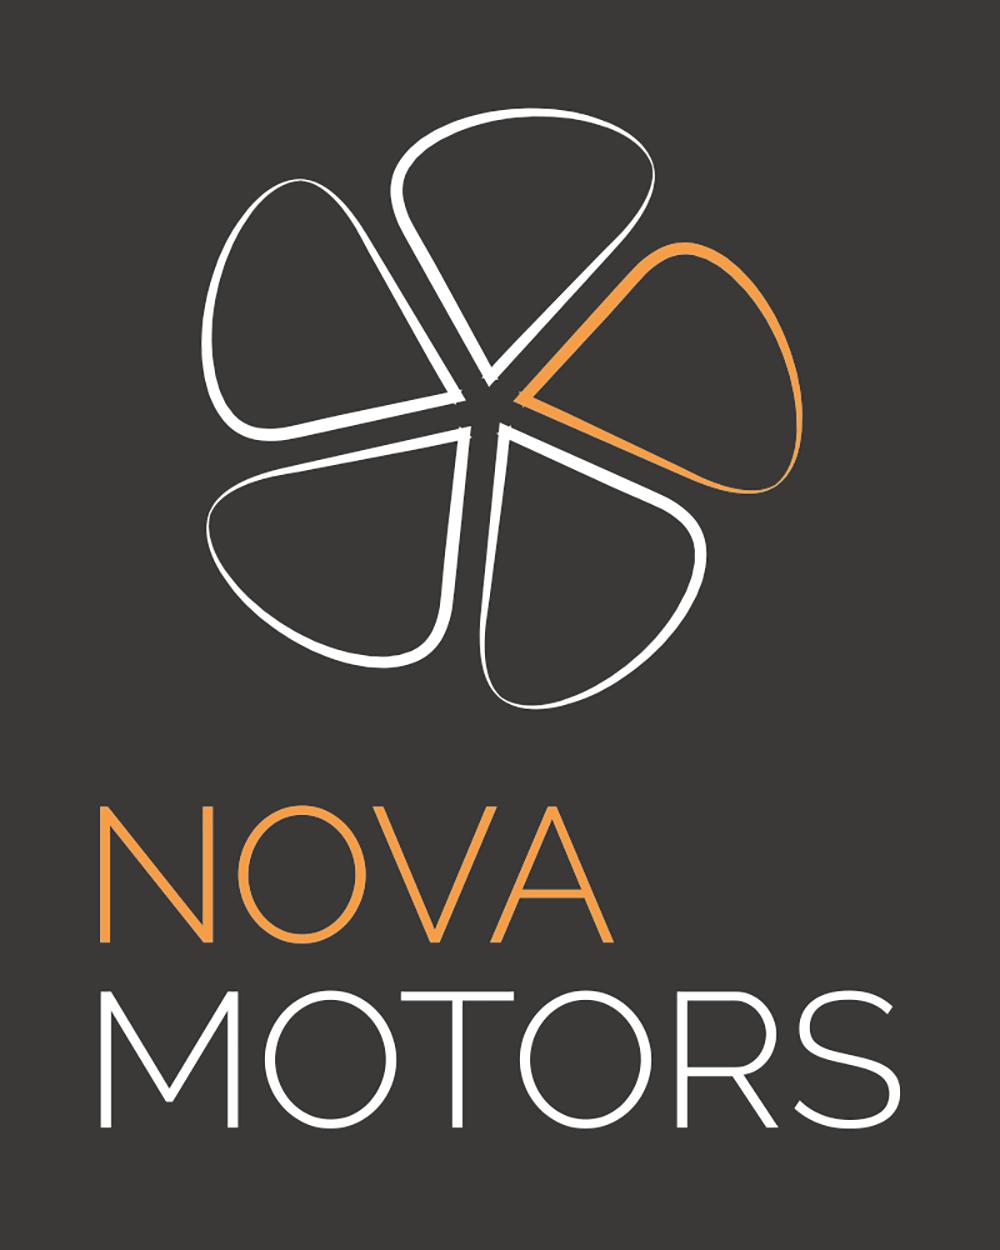 Nova Motors - Motorroller, Elektroroller, Elektromobile, eBikes / Pedelecs oder Fahrräder einfach und günstig versandkostenfrei bestellen